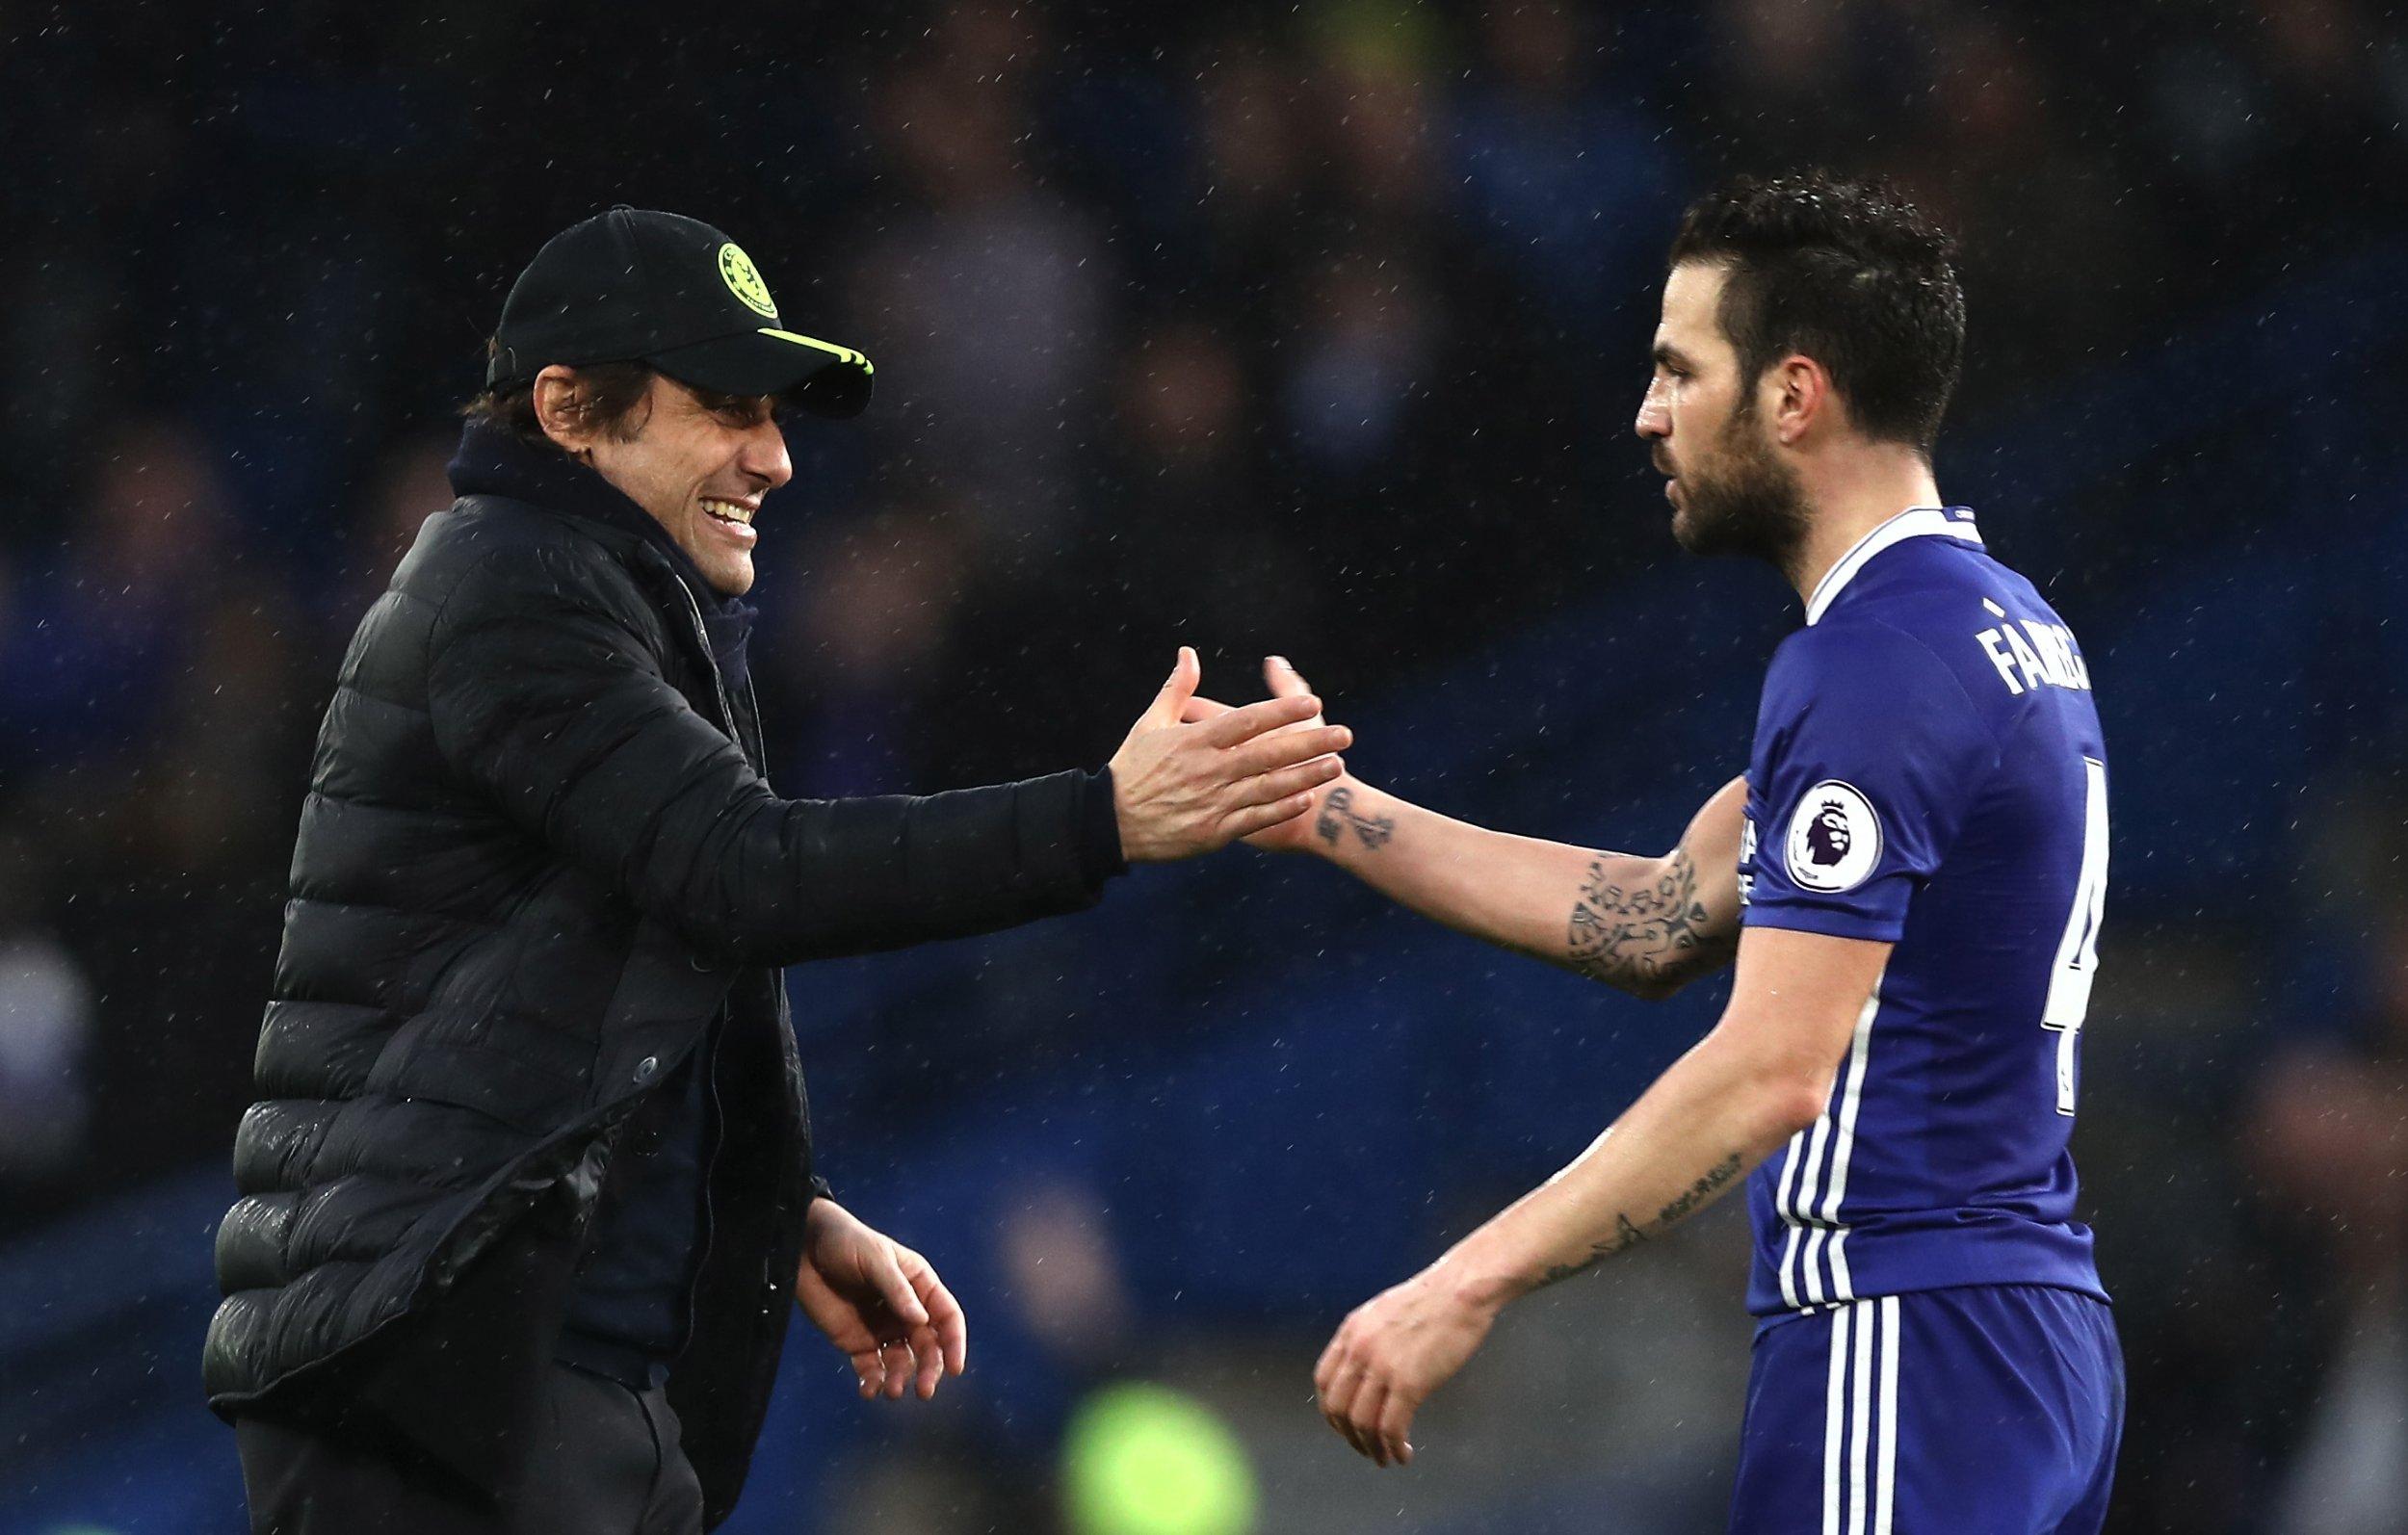 Conte and Fabregas